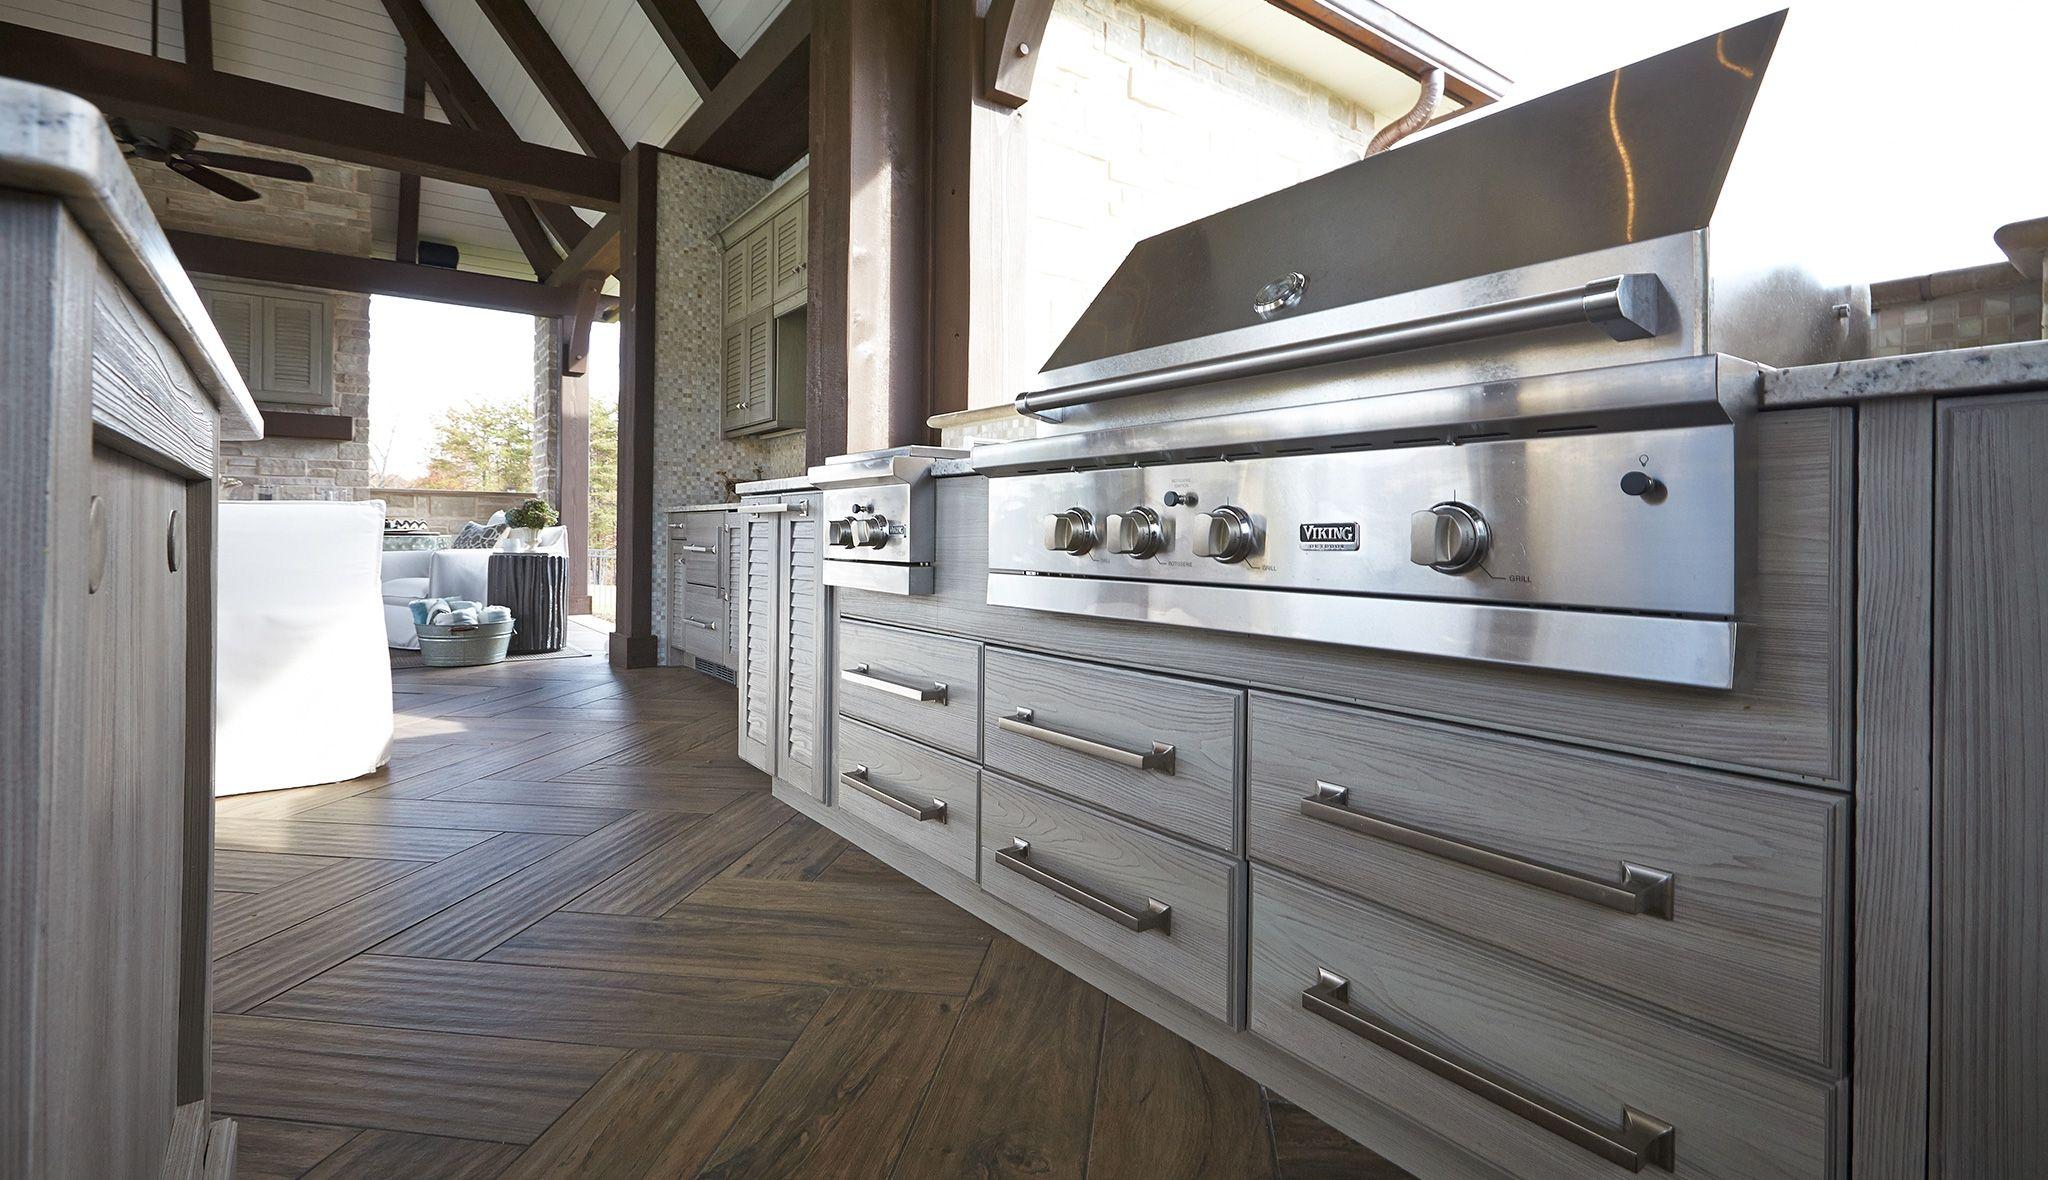 marine grade polymer outdoor kitchen cabinets outdoor kitchen cabinets outdoor kitchen on outdoor kitchen on wheels id=96195